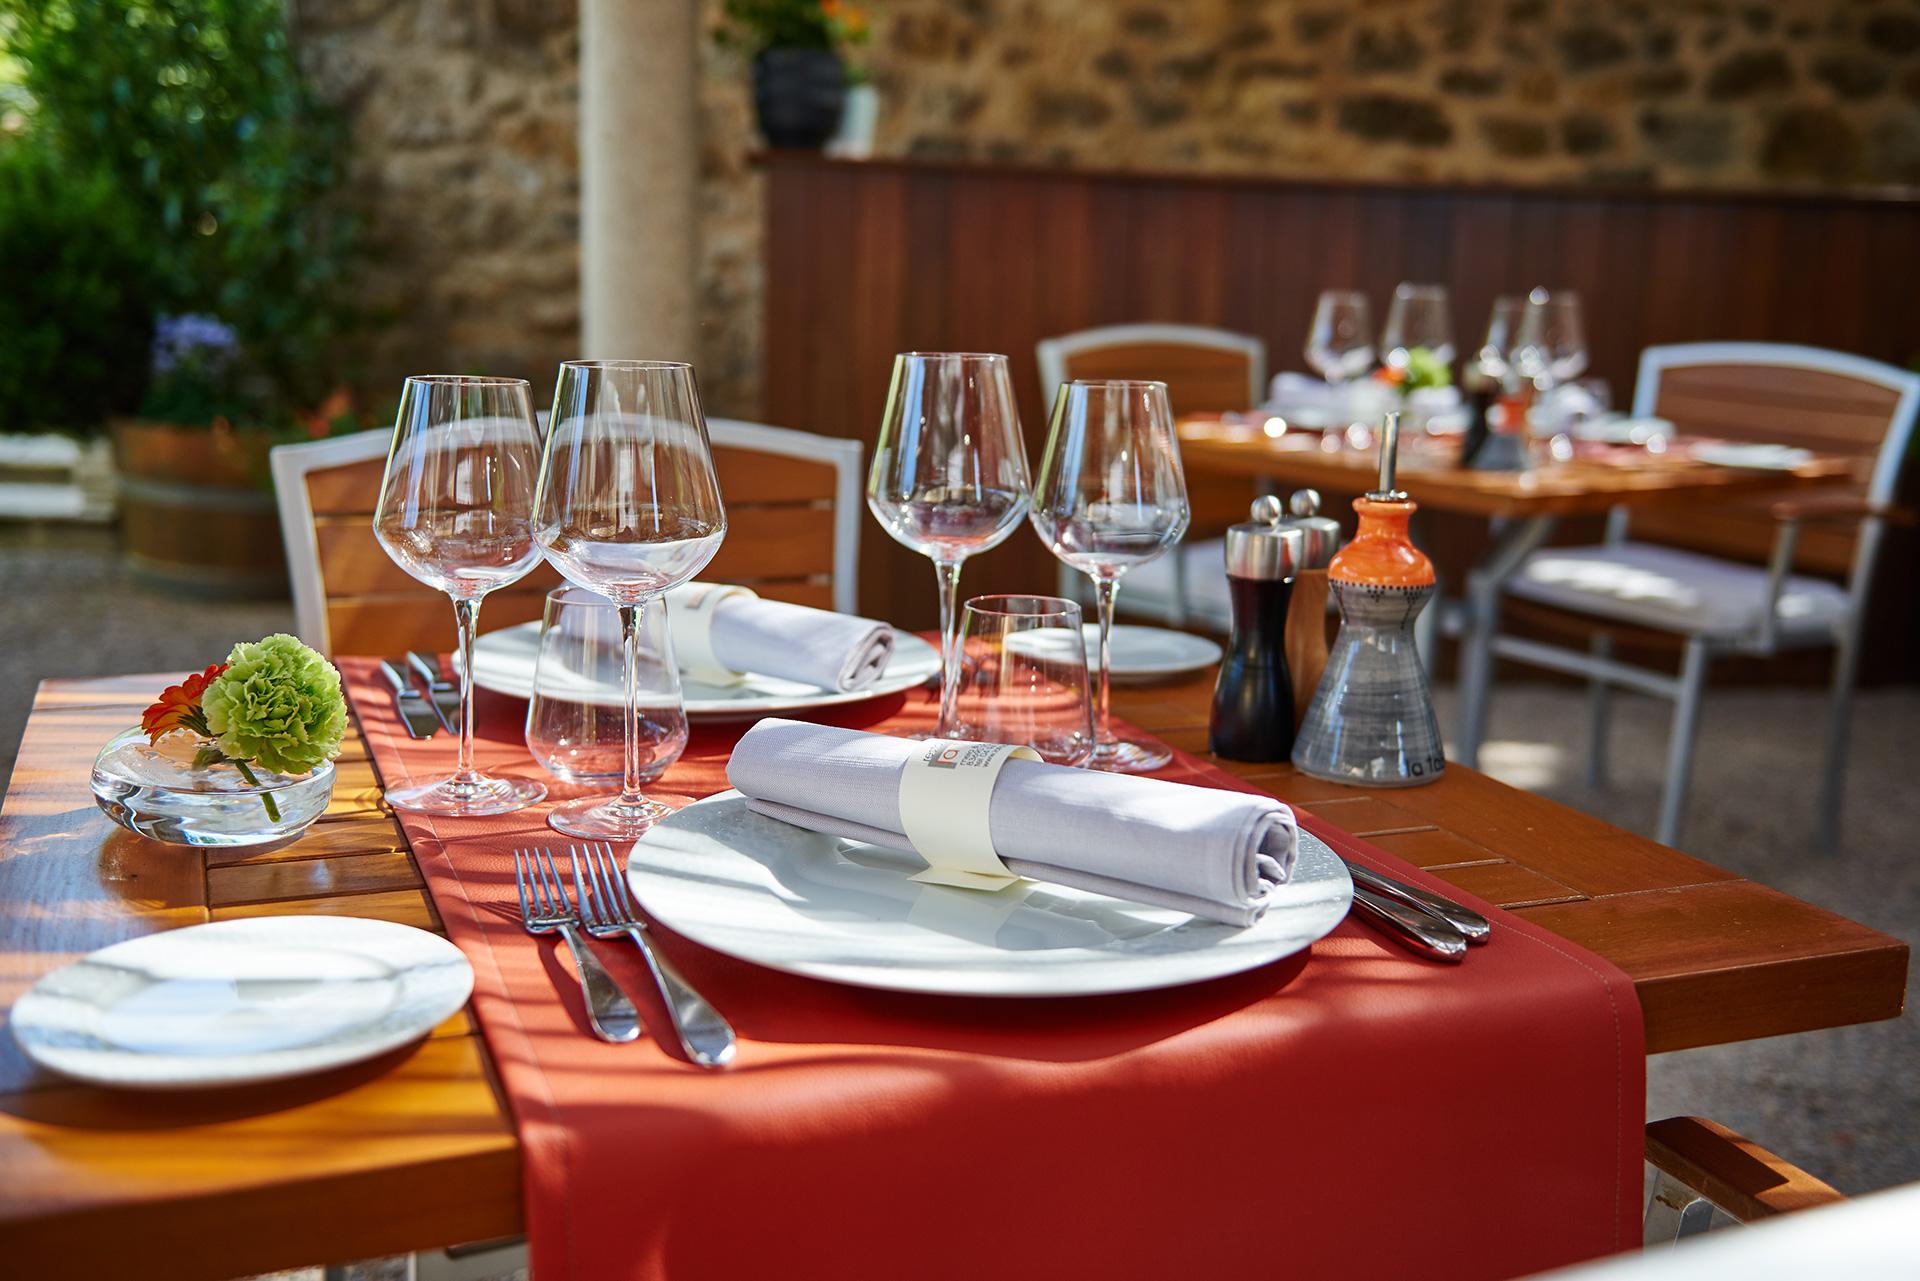 La Table Restaurant Tourtour